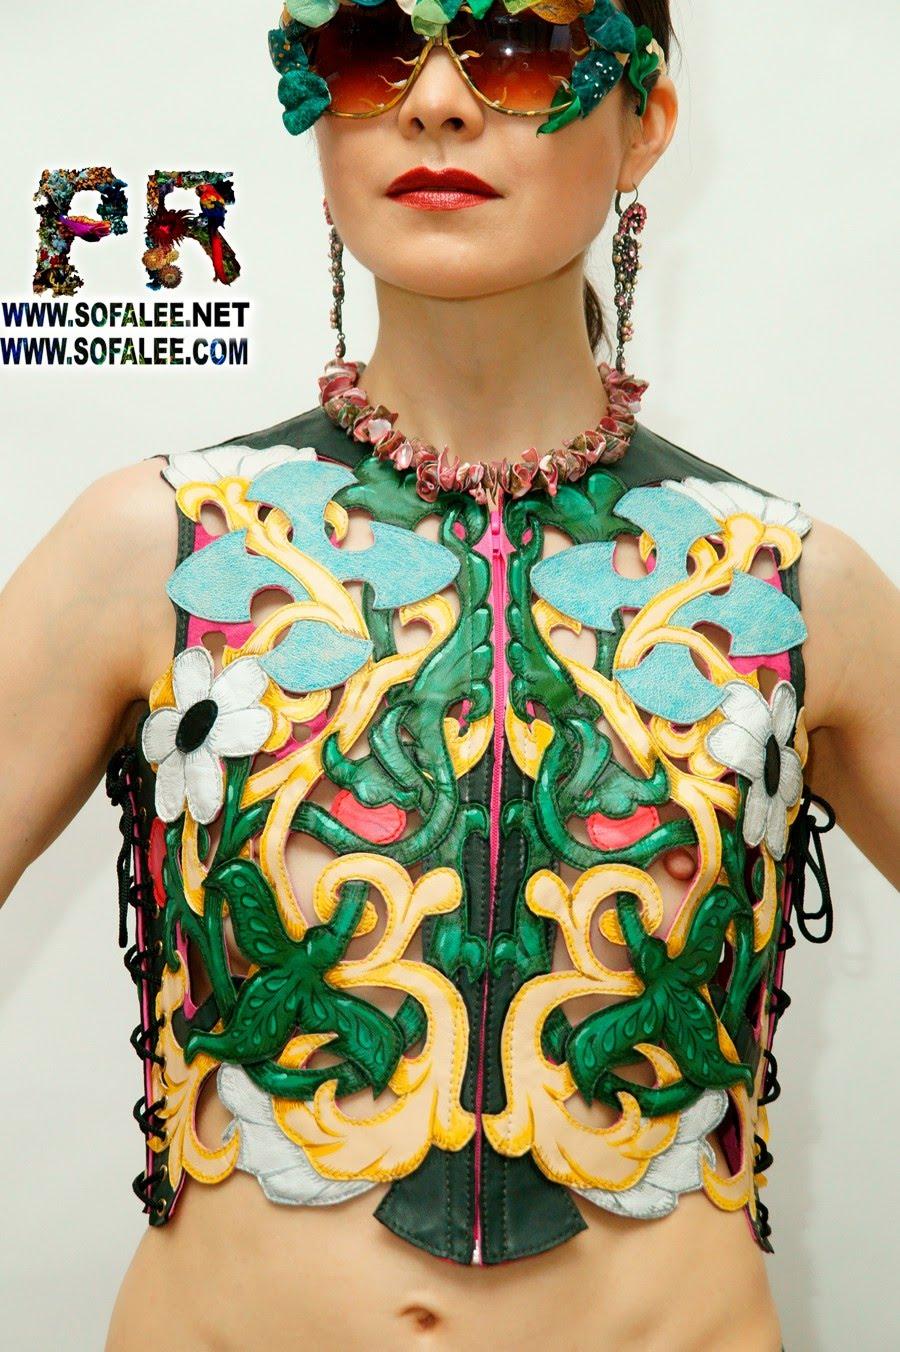 gilet pour femme en cuir reweaving véritable concepteur multicolore fait main exclusif